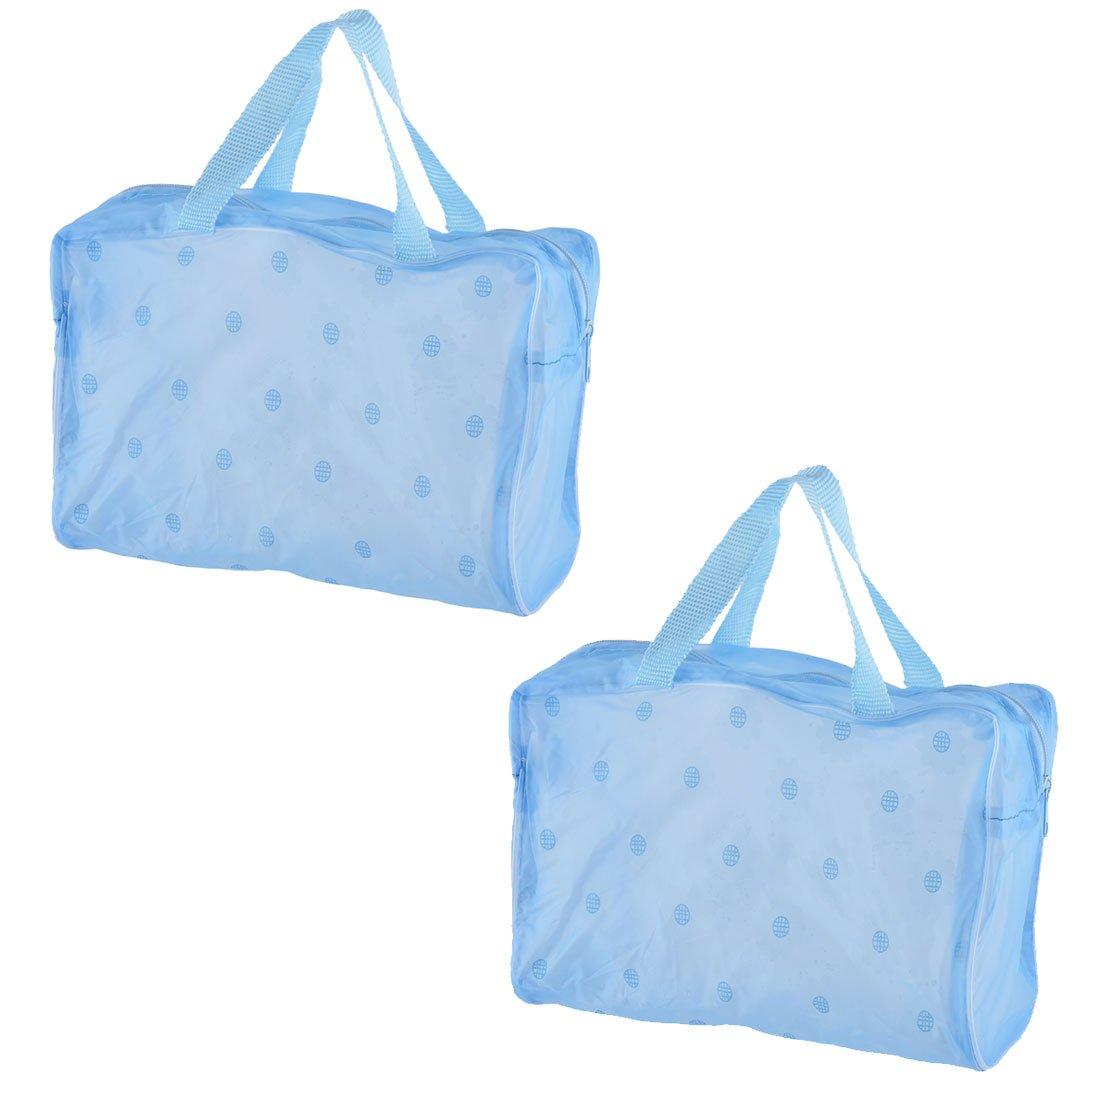 uxcell PVC Travel Makeup Case Toiletry Pouch Holder Wash Bag 2 Pcs Blue w Zipper